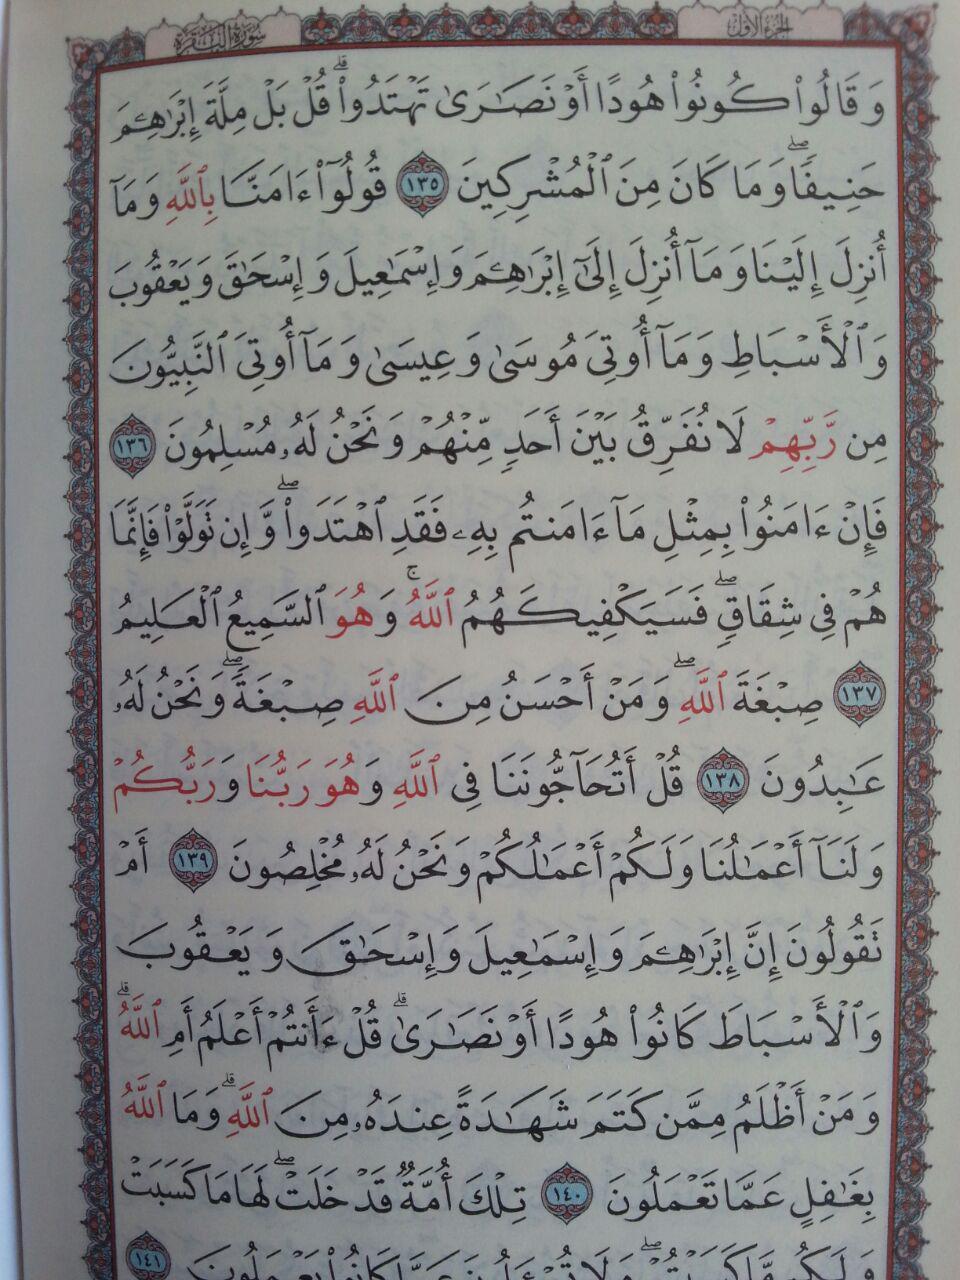 Al-Qur'an Impor Per Juz Tanpa Terjemah Ukuran 8x12 isi